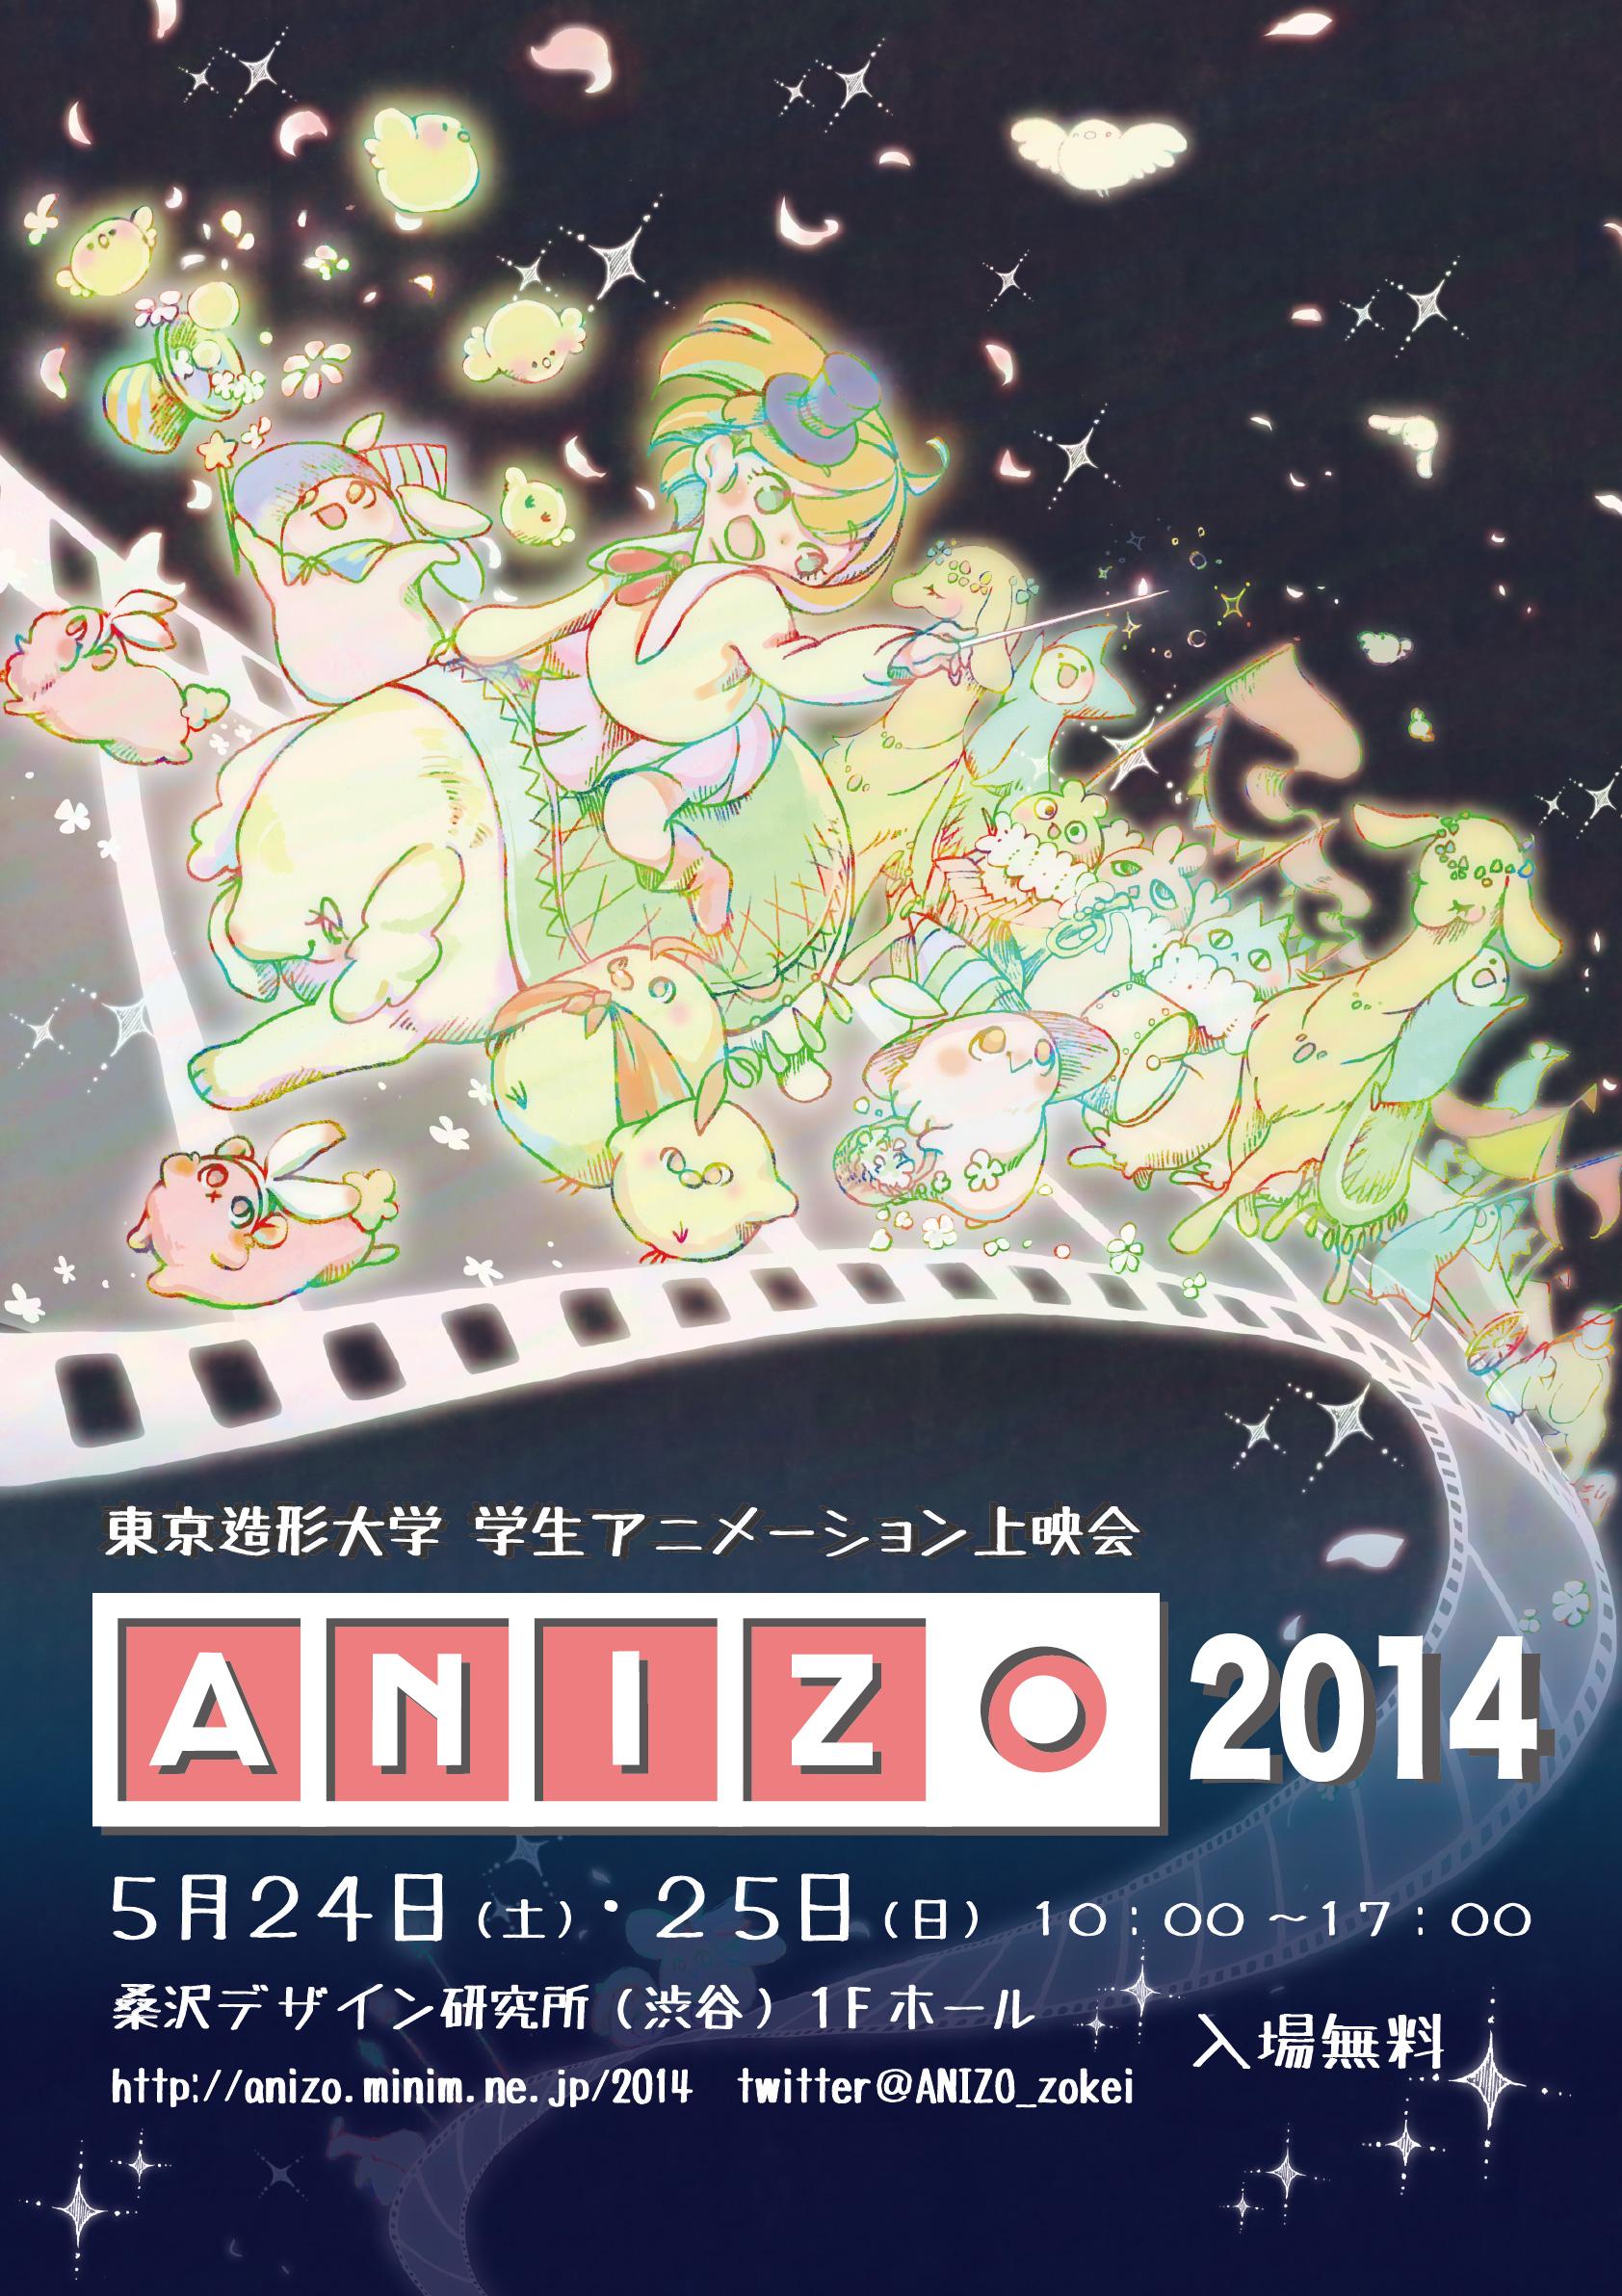 ANIZO 2014